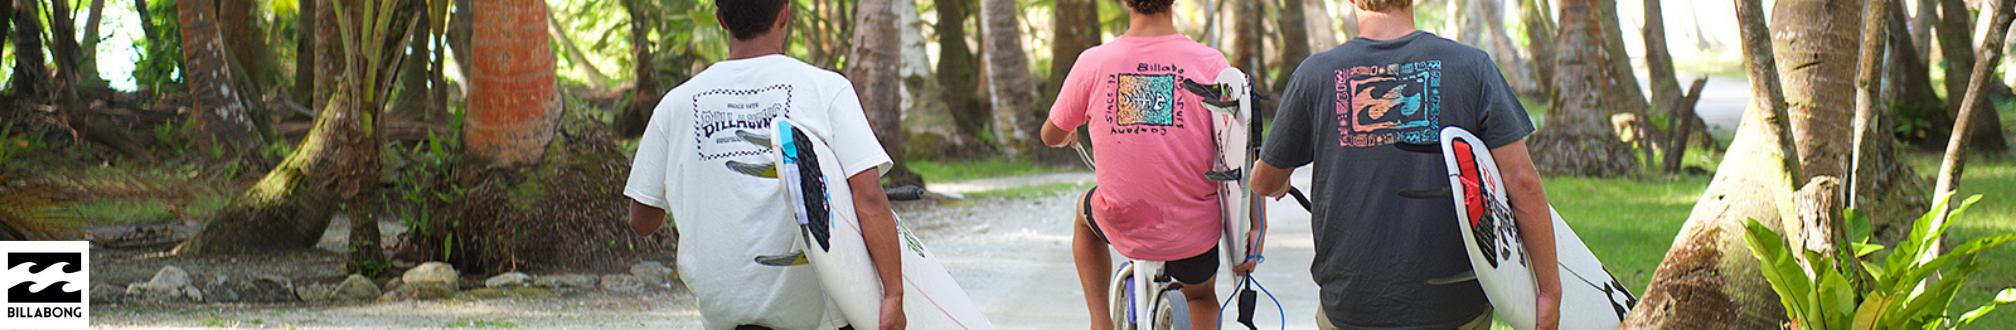 Shop Billabong Boys at Passport Surf